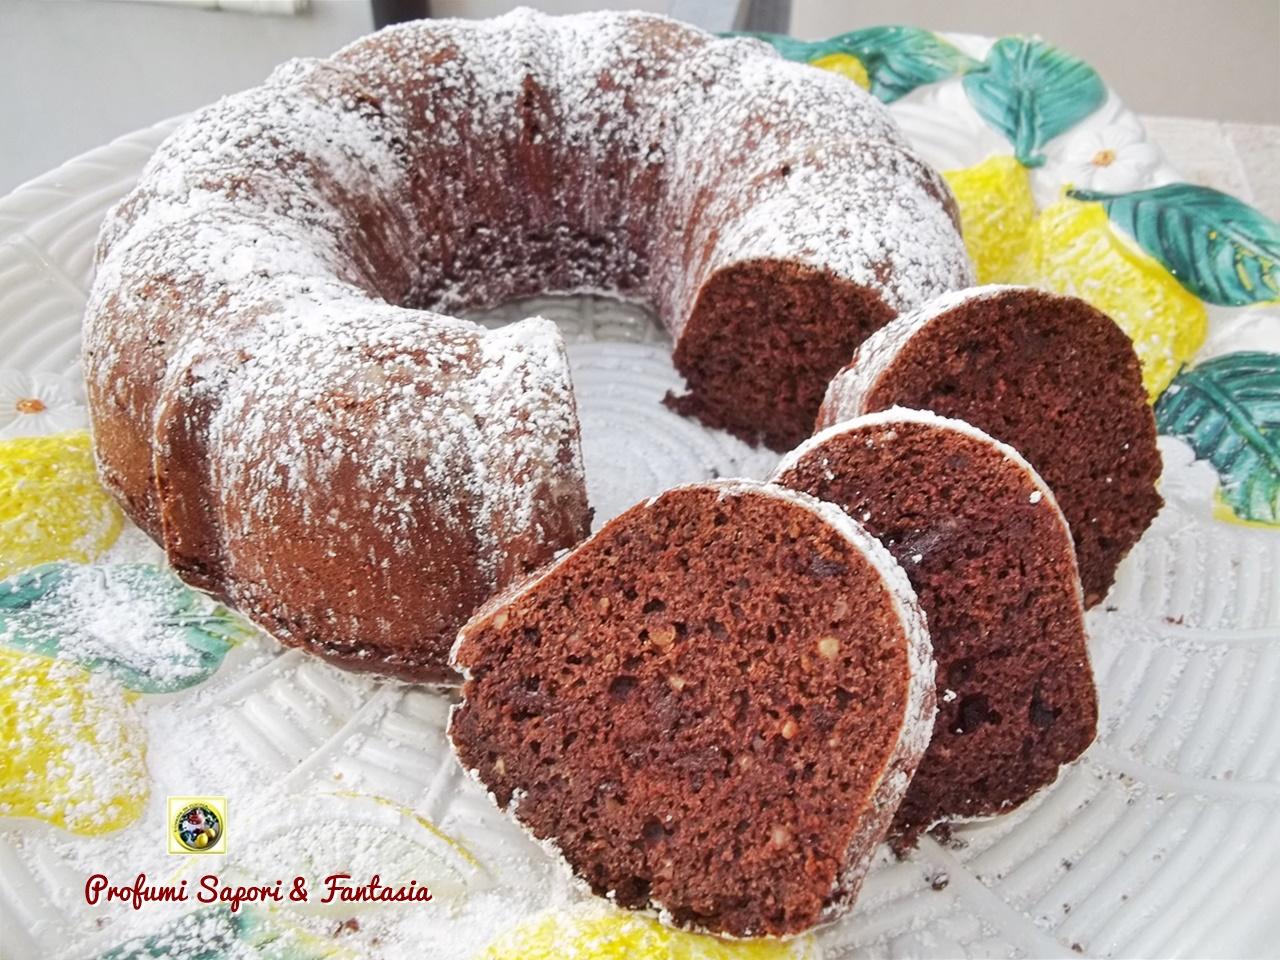 Torta al cioccolato con nocciole e amaretti